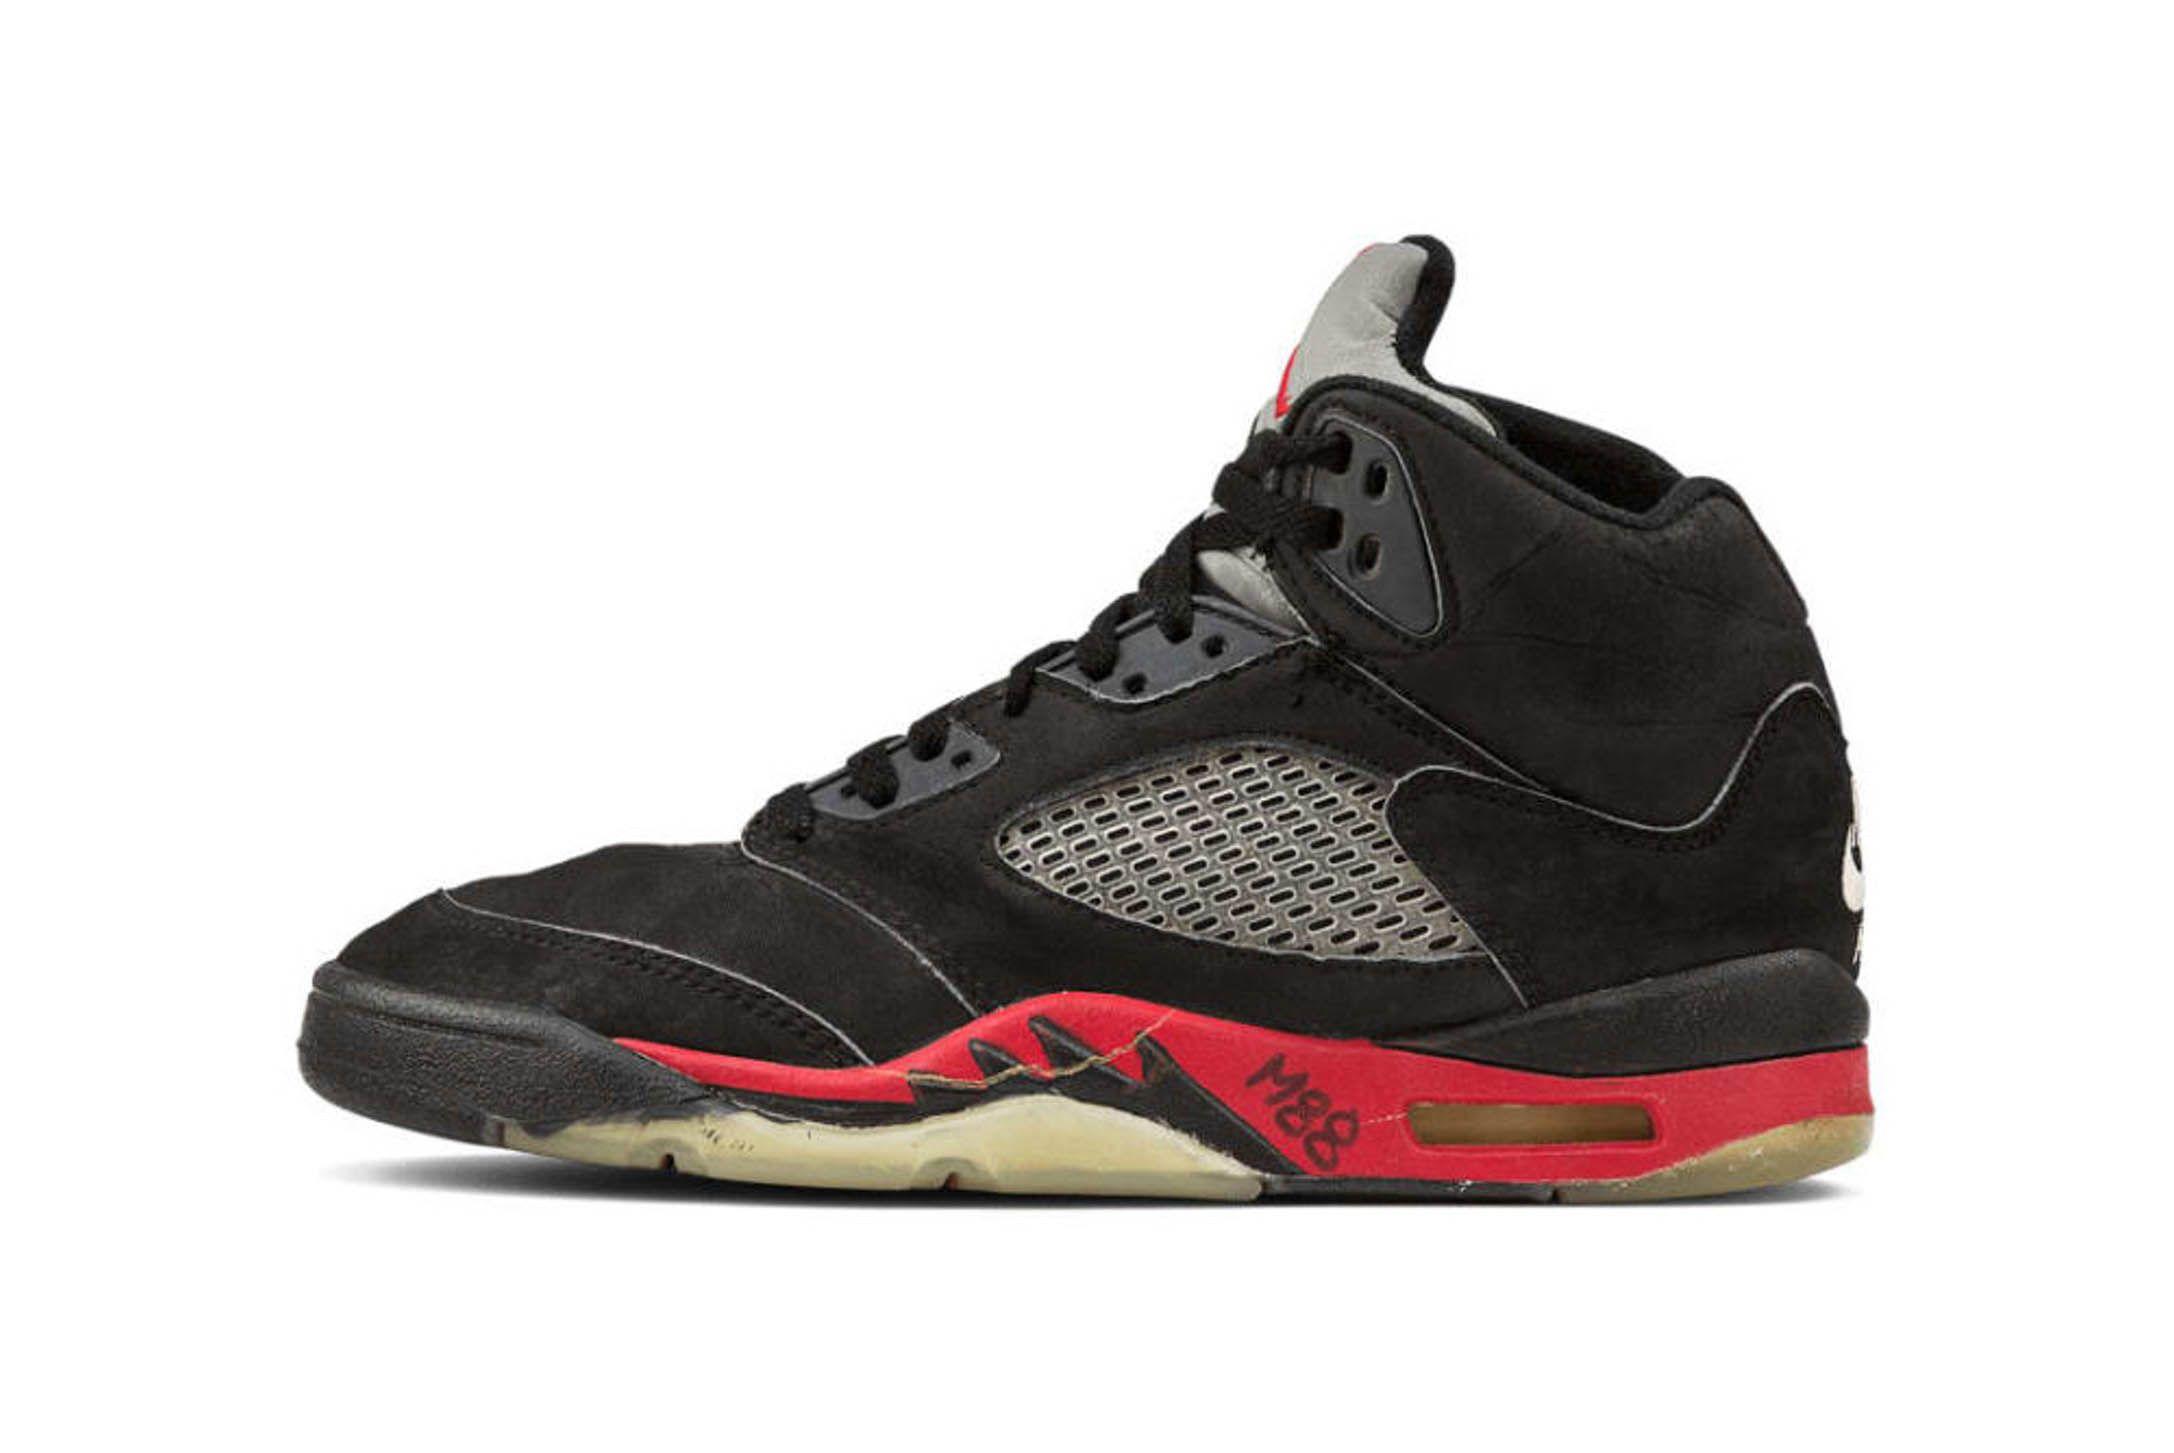 Air Jordan 5 Black University Red Releae Info 1 Sneaker Freaker